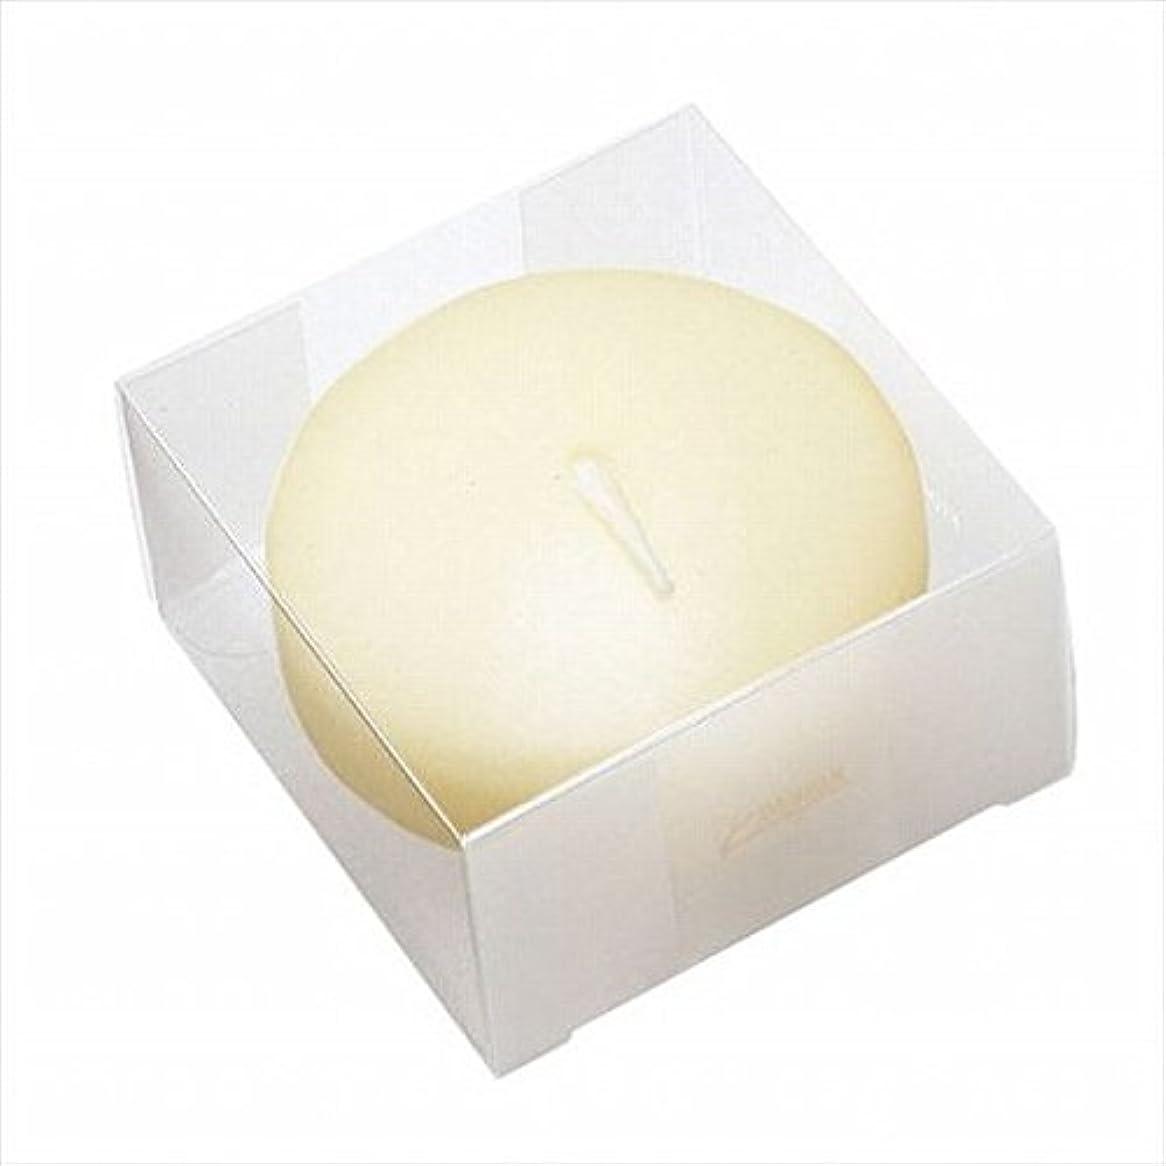 シフトプロジェクター段落kameyama candle(カメヤマキャンドル) プール80(箱入り) 「 アイボリー 」 キャンドル 80x80x45mm (A7069050)